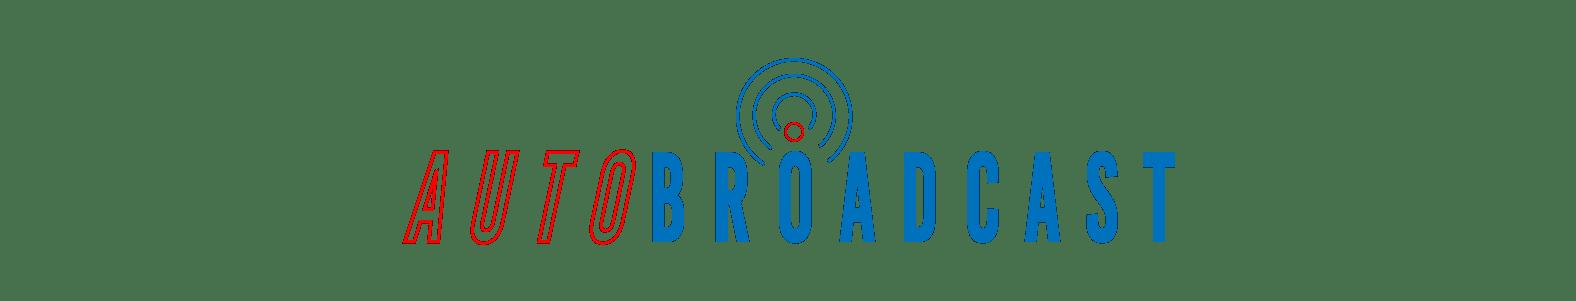 Auto Broadcast